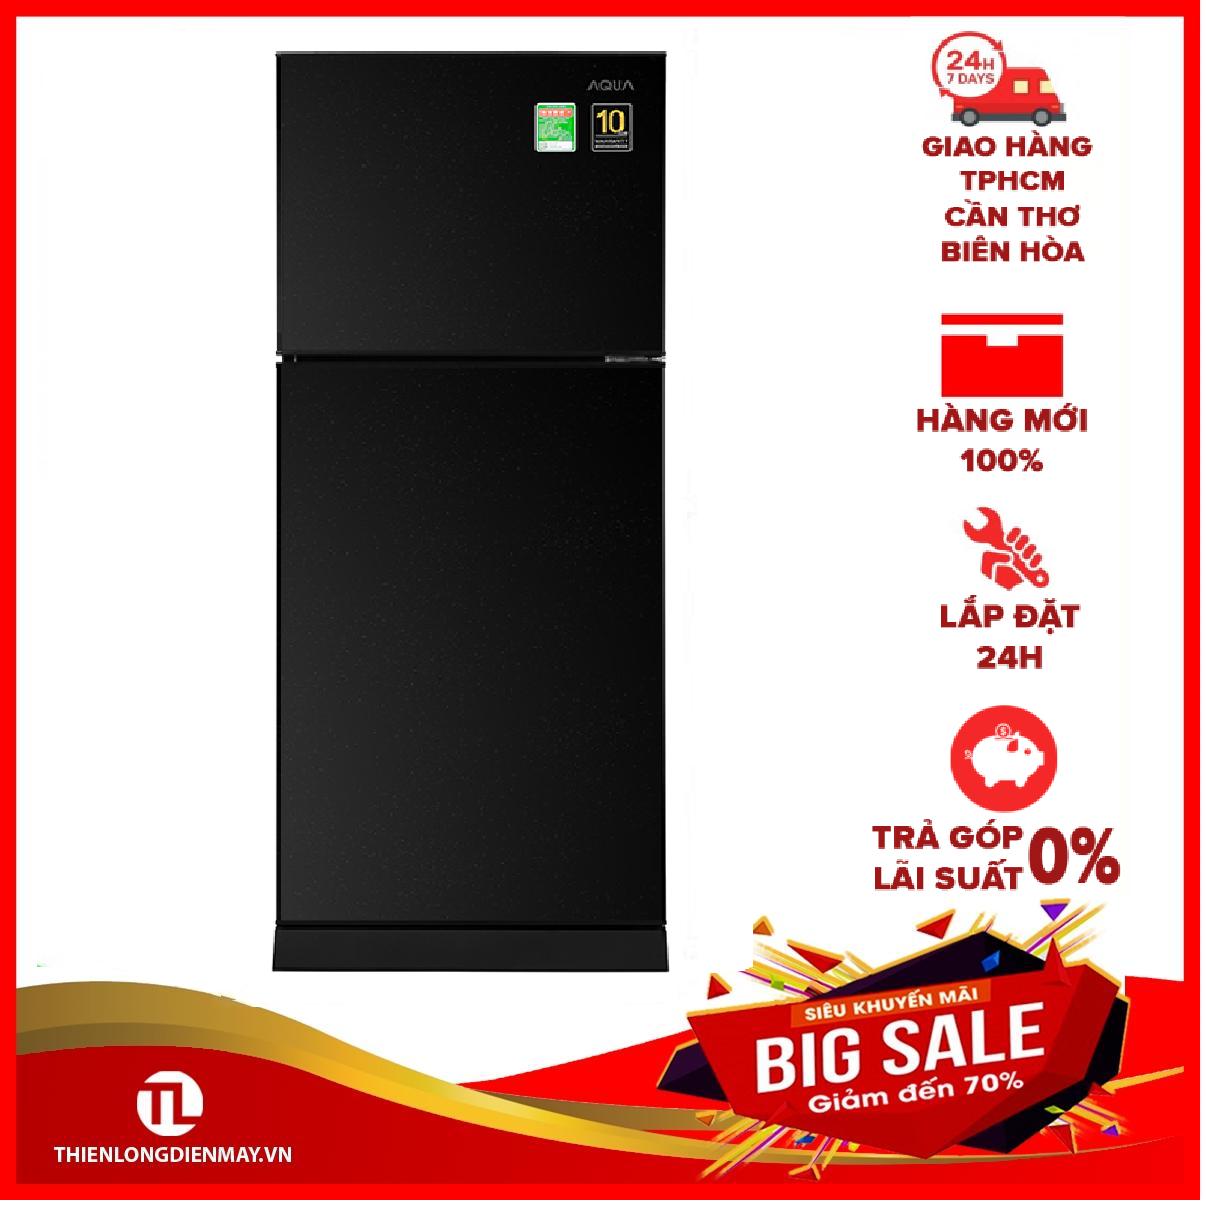 [Trả góp 0%]Tủ lạnh Aqua Inverter 186 lít AQR-T219FA(PB)